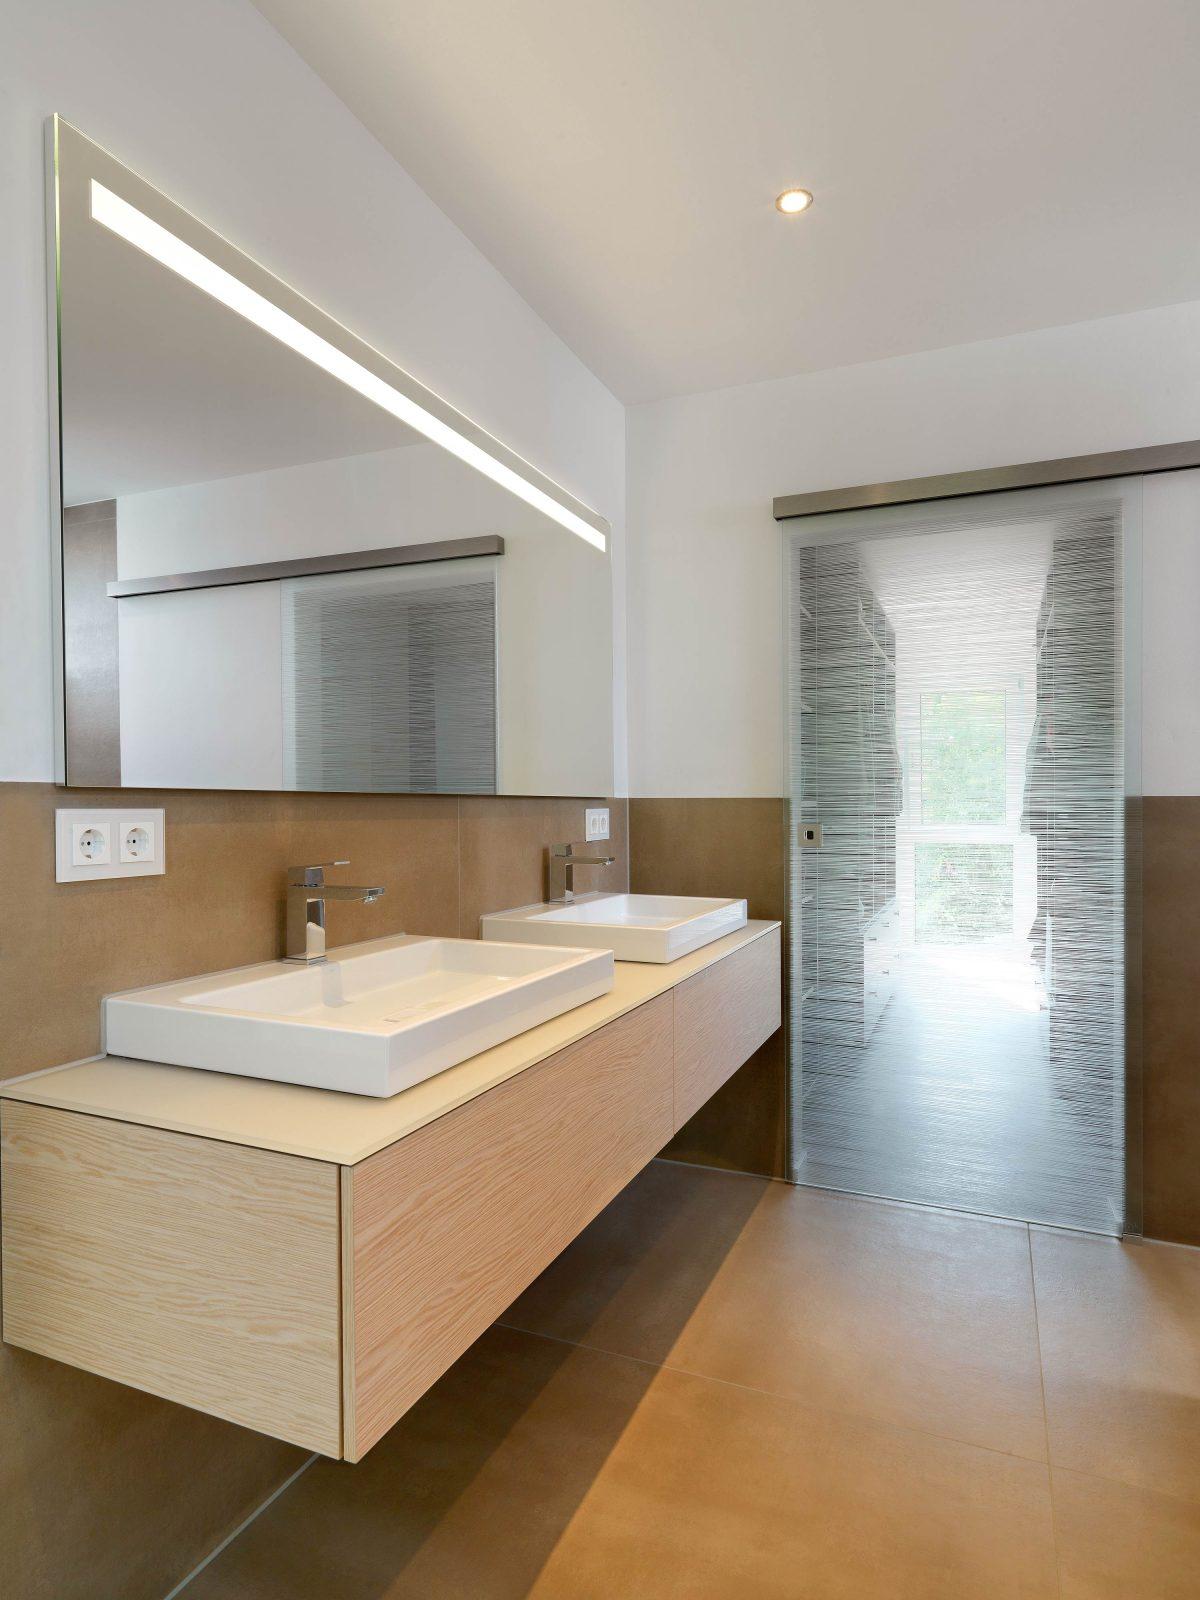 Der Waschtisch im Badezimmer der Eltern im Einfamilienhaus RSO mit Zugang zum begehbaren Kleiderschrank.